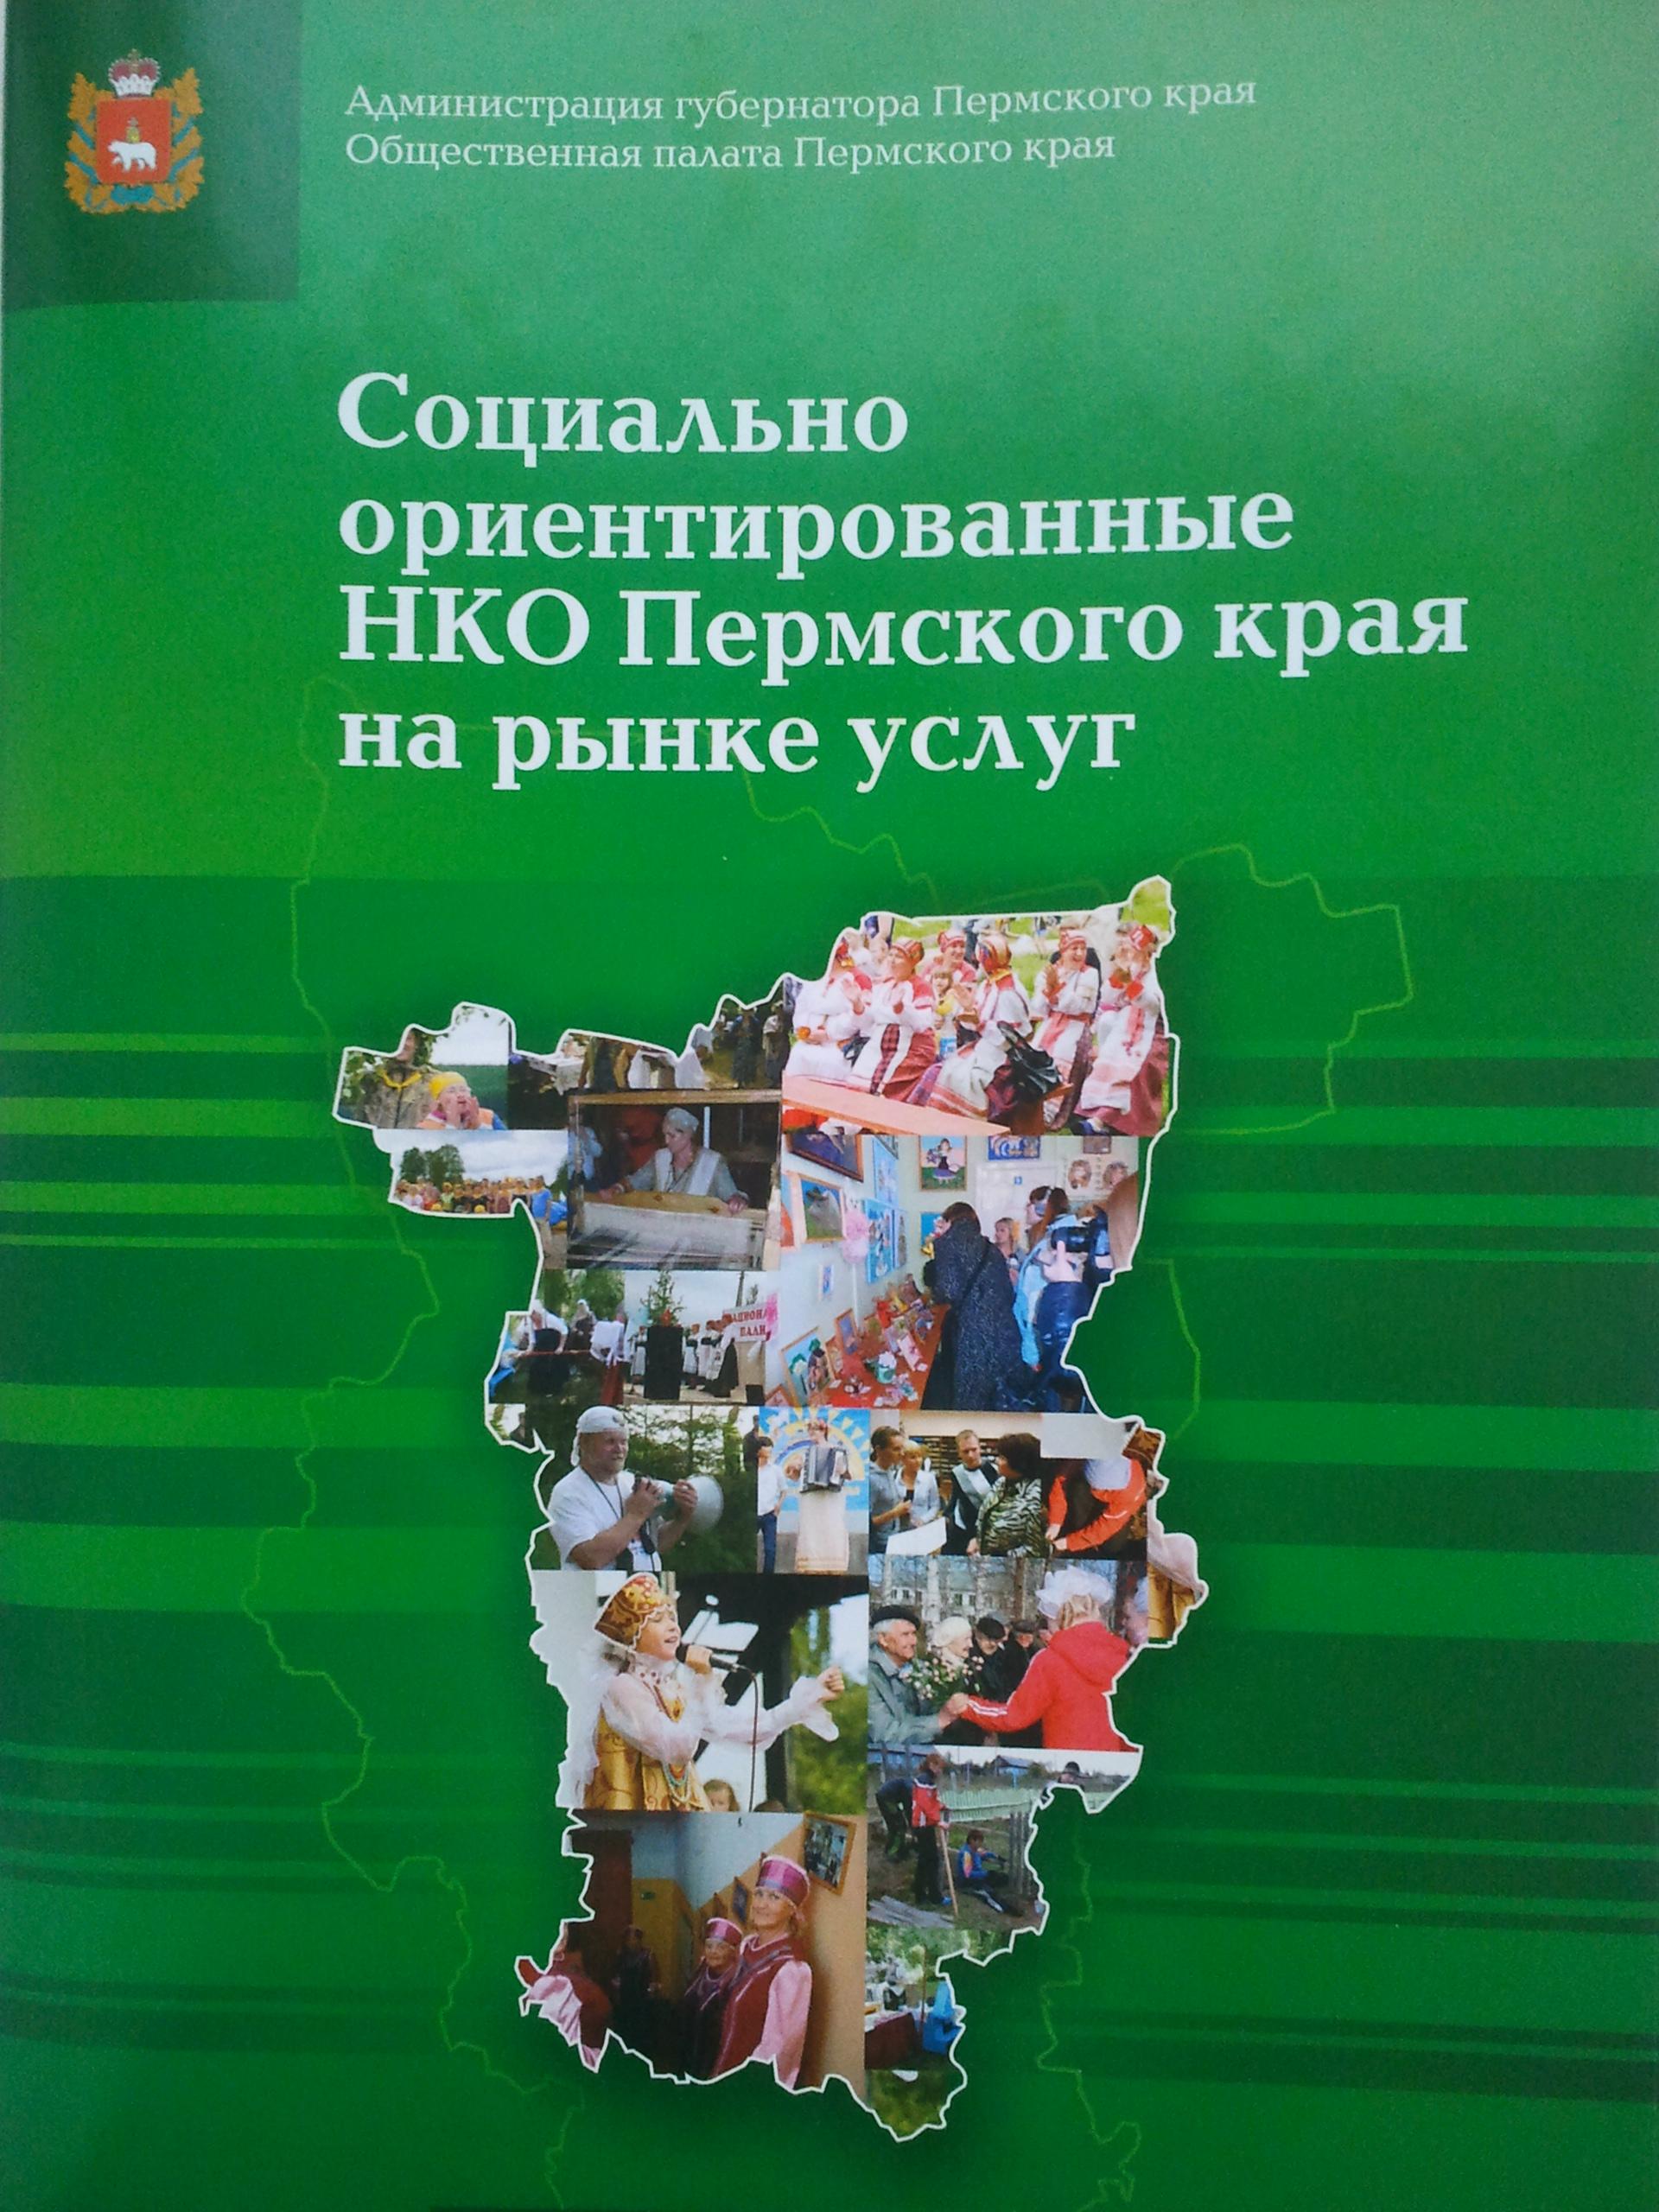 Проблемы эффективности и пути развития социально-ориентированных НКО в Пермском крае